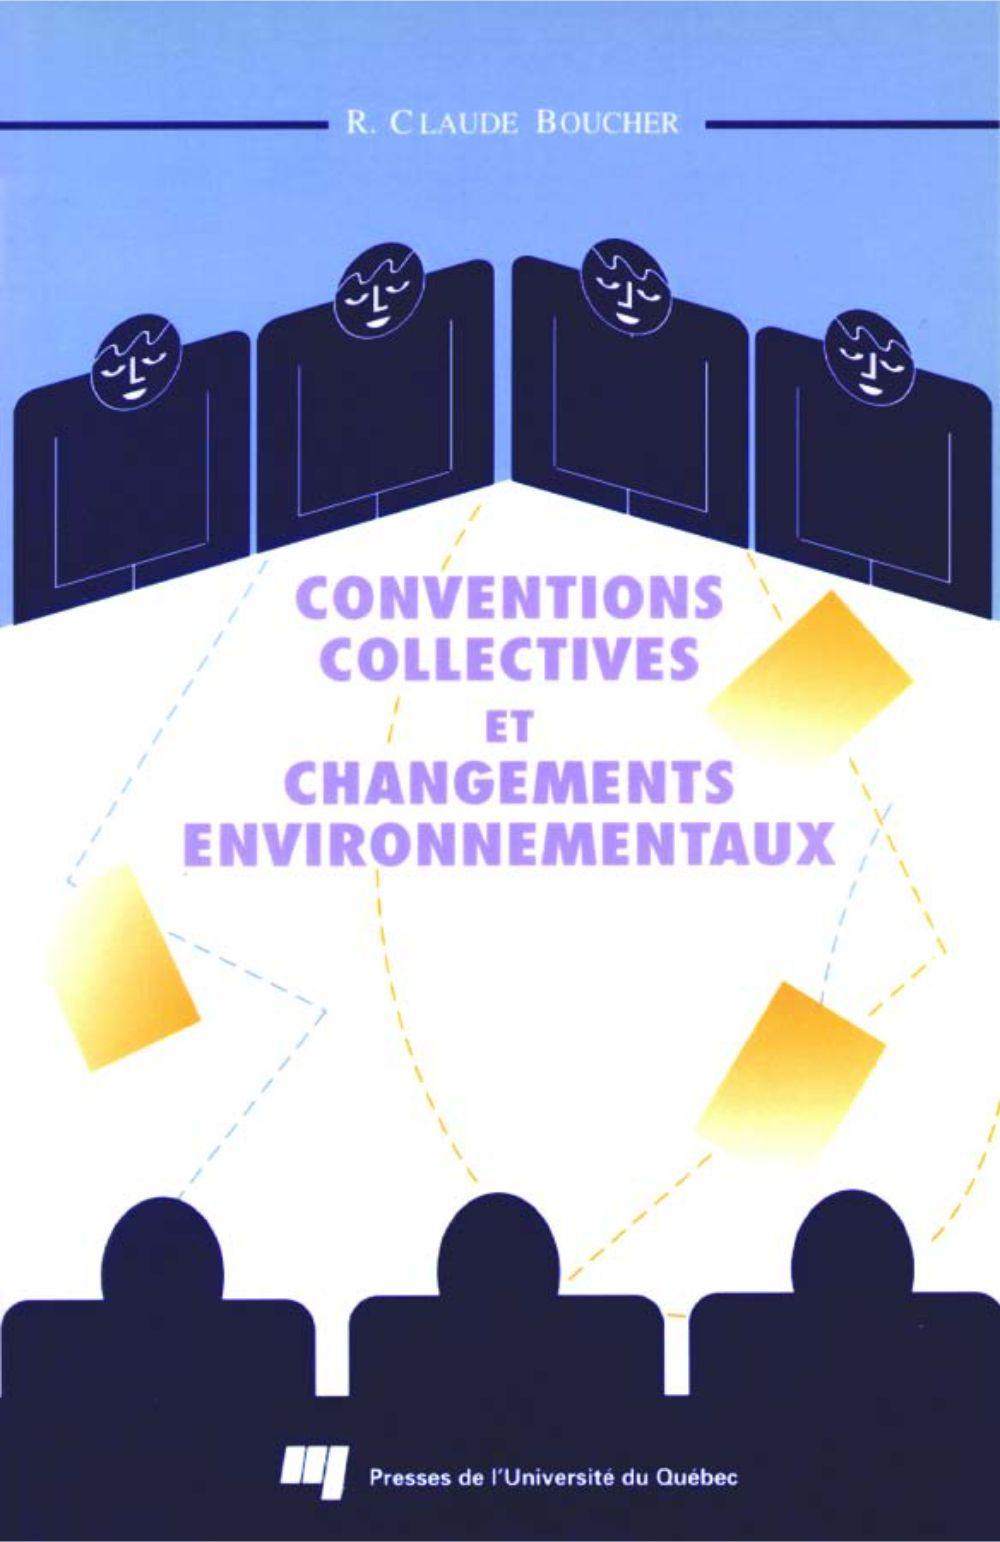 Conventions collectives et changements environnementaux